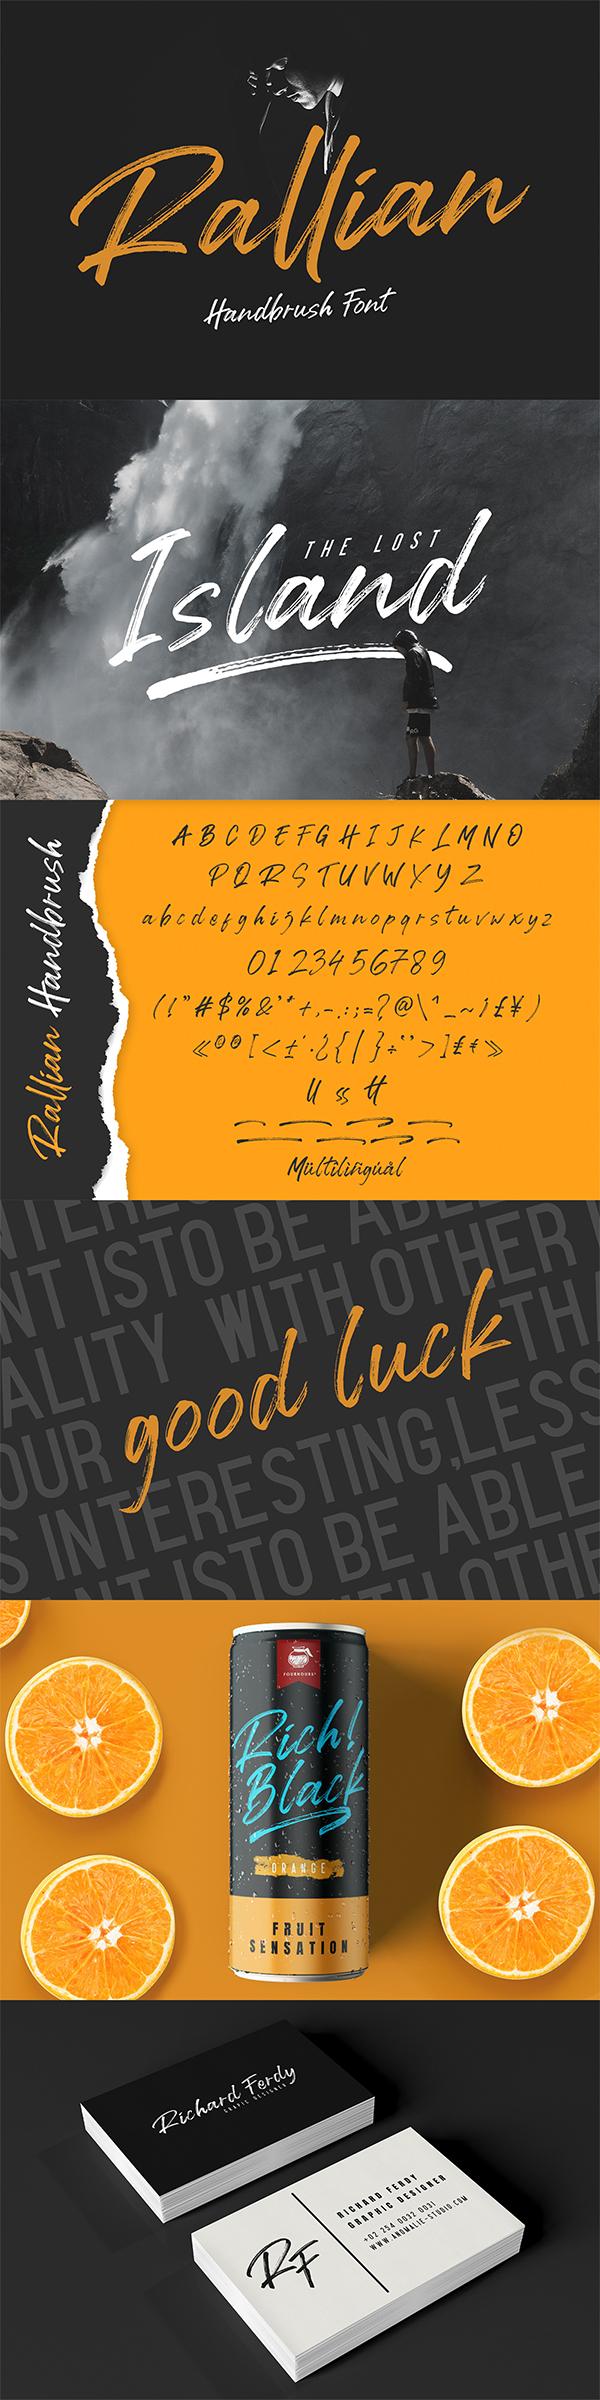 Rallian - Handbrush Font